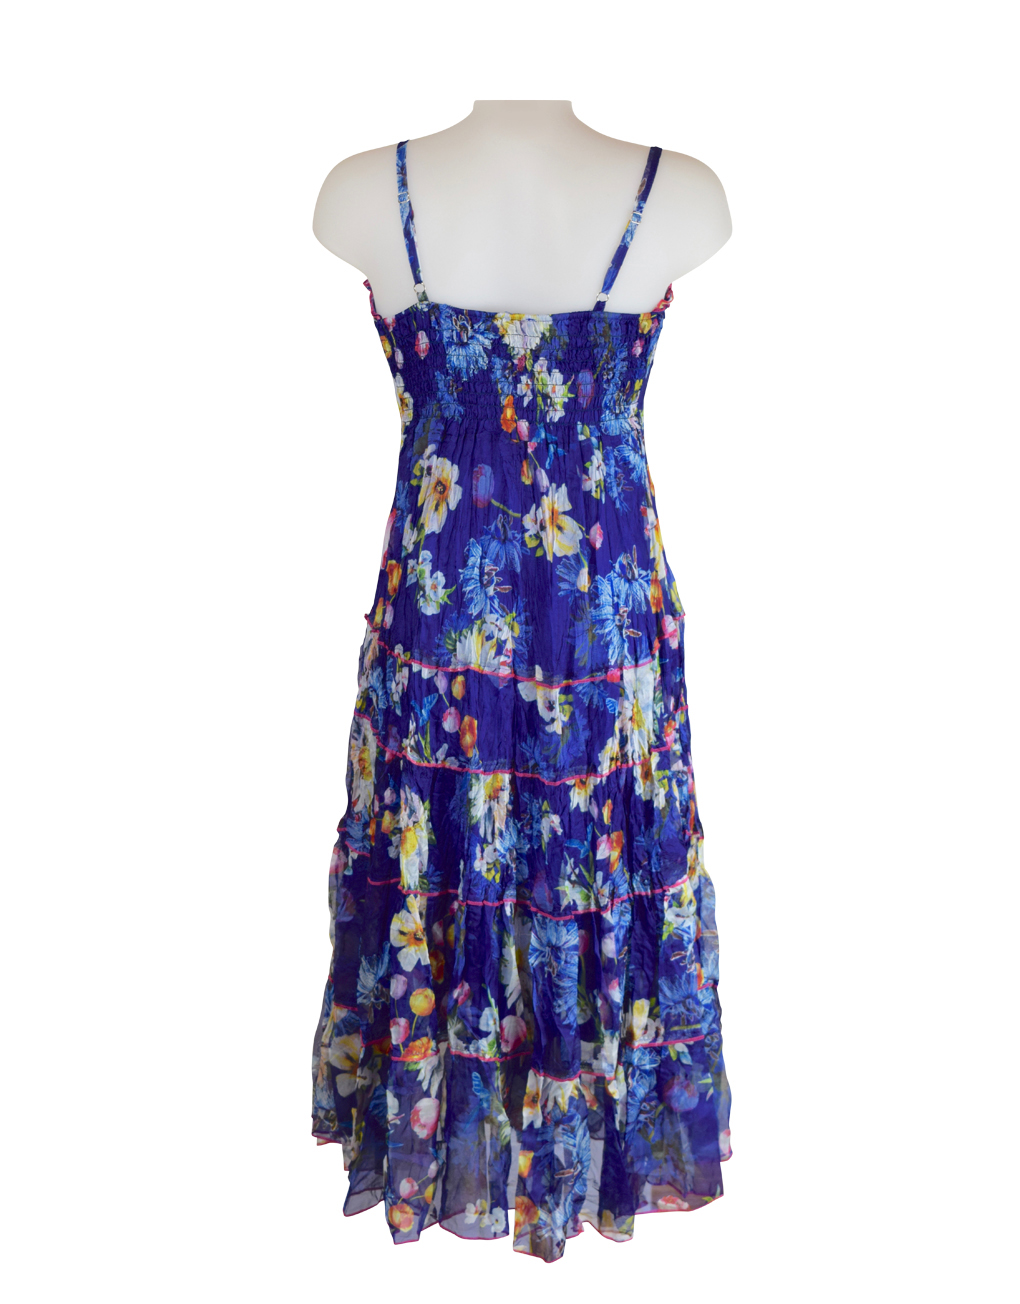 Sensations Pour Elle's Blue Dress